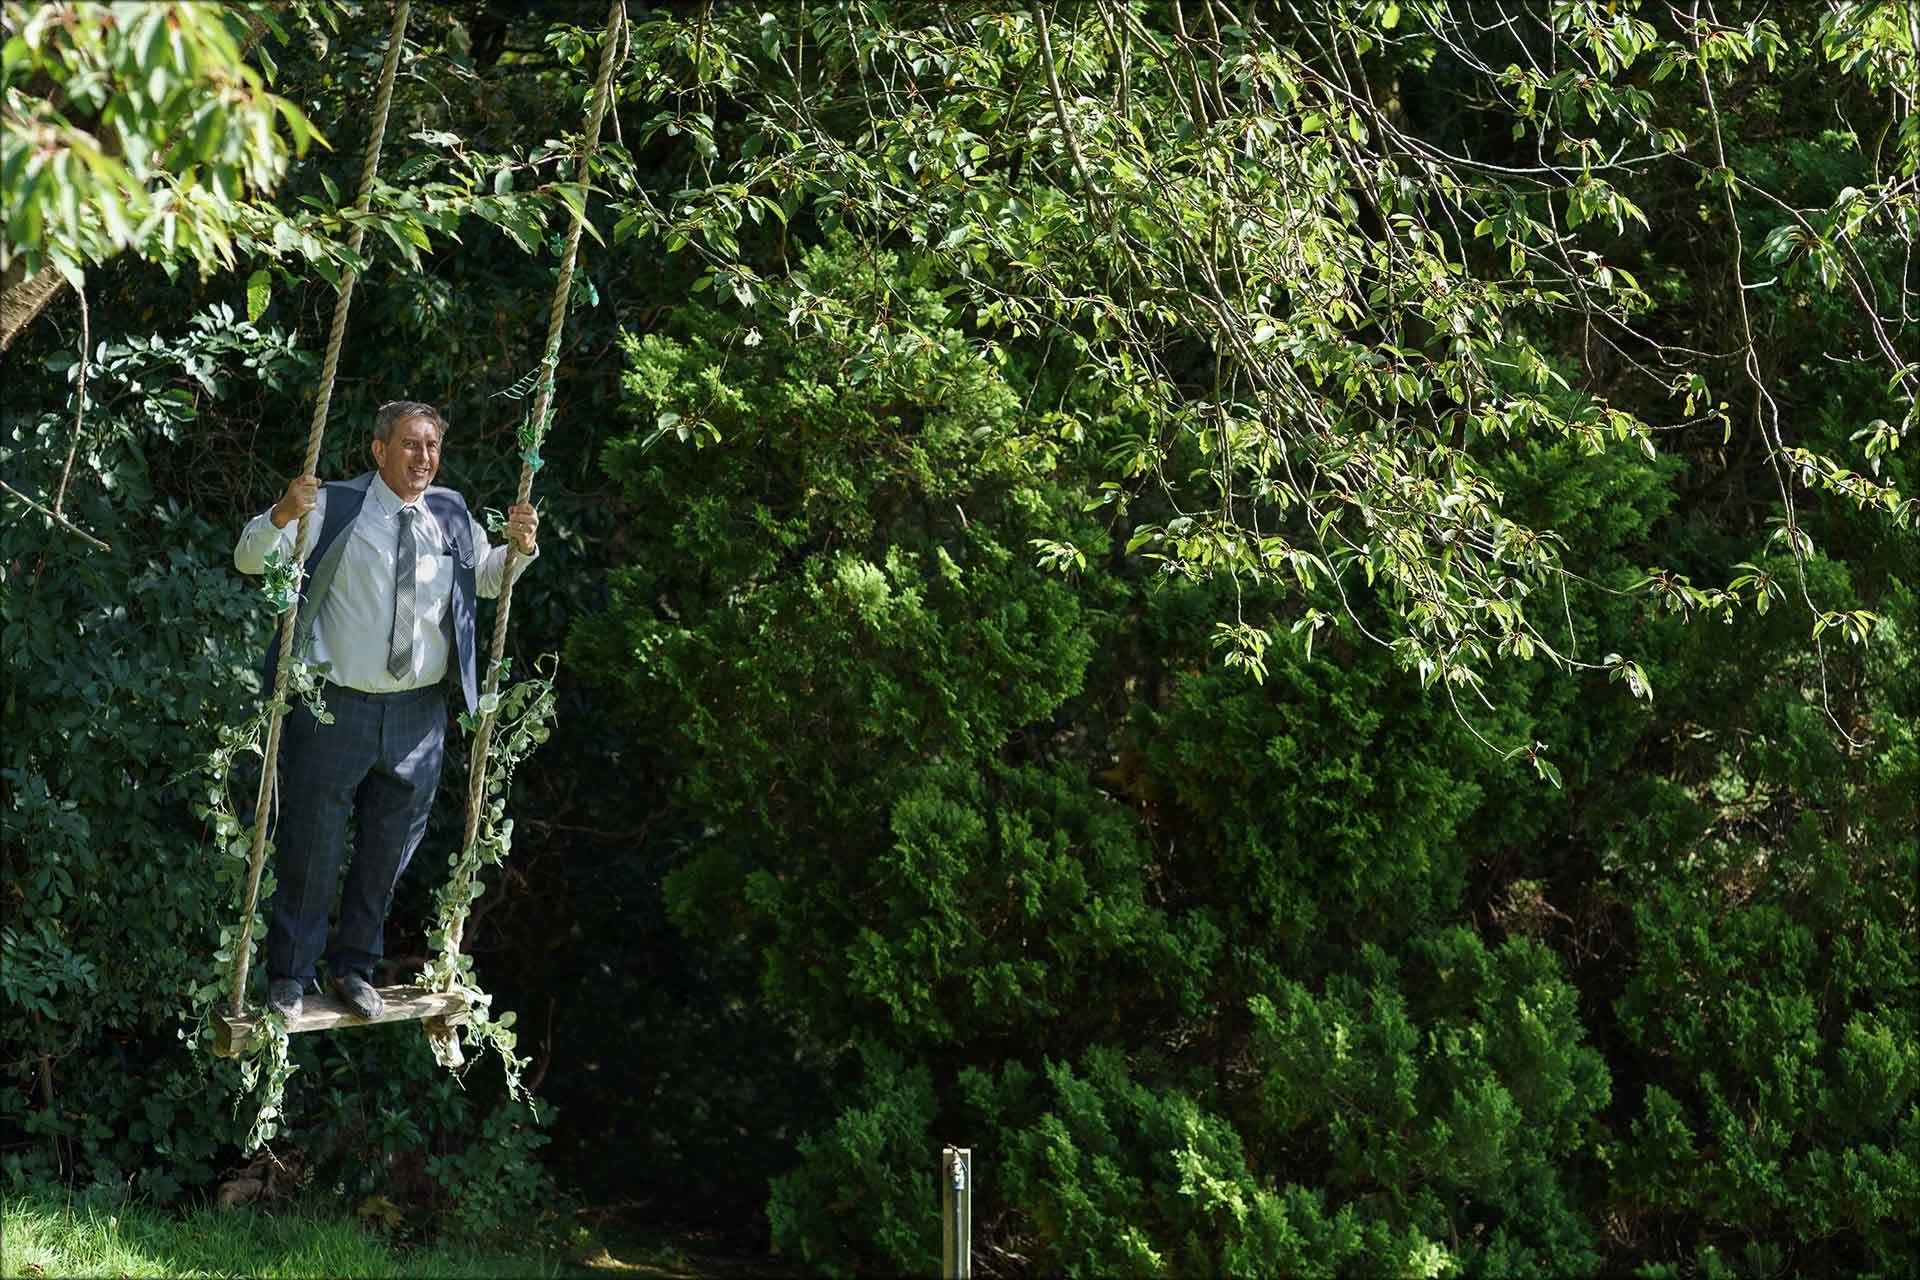 guest on swing